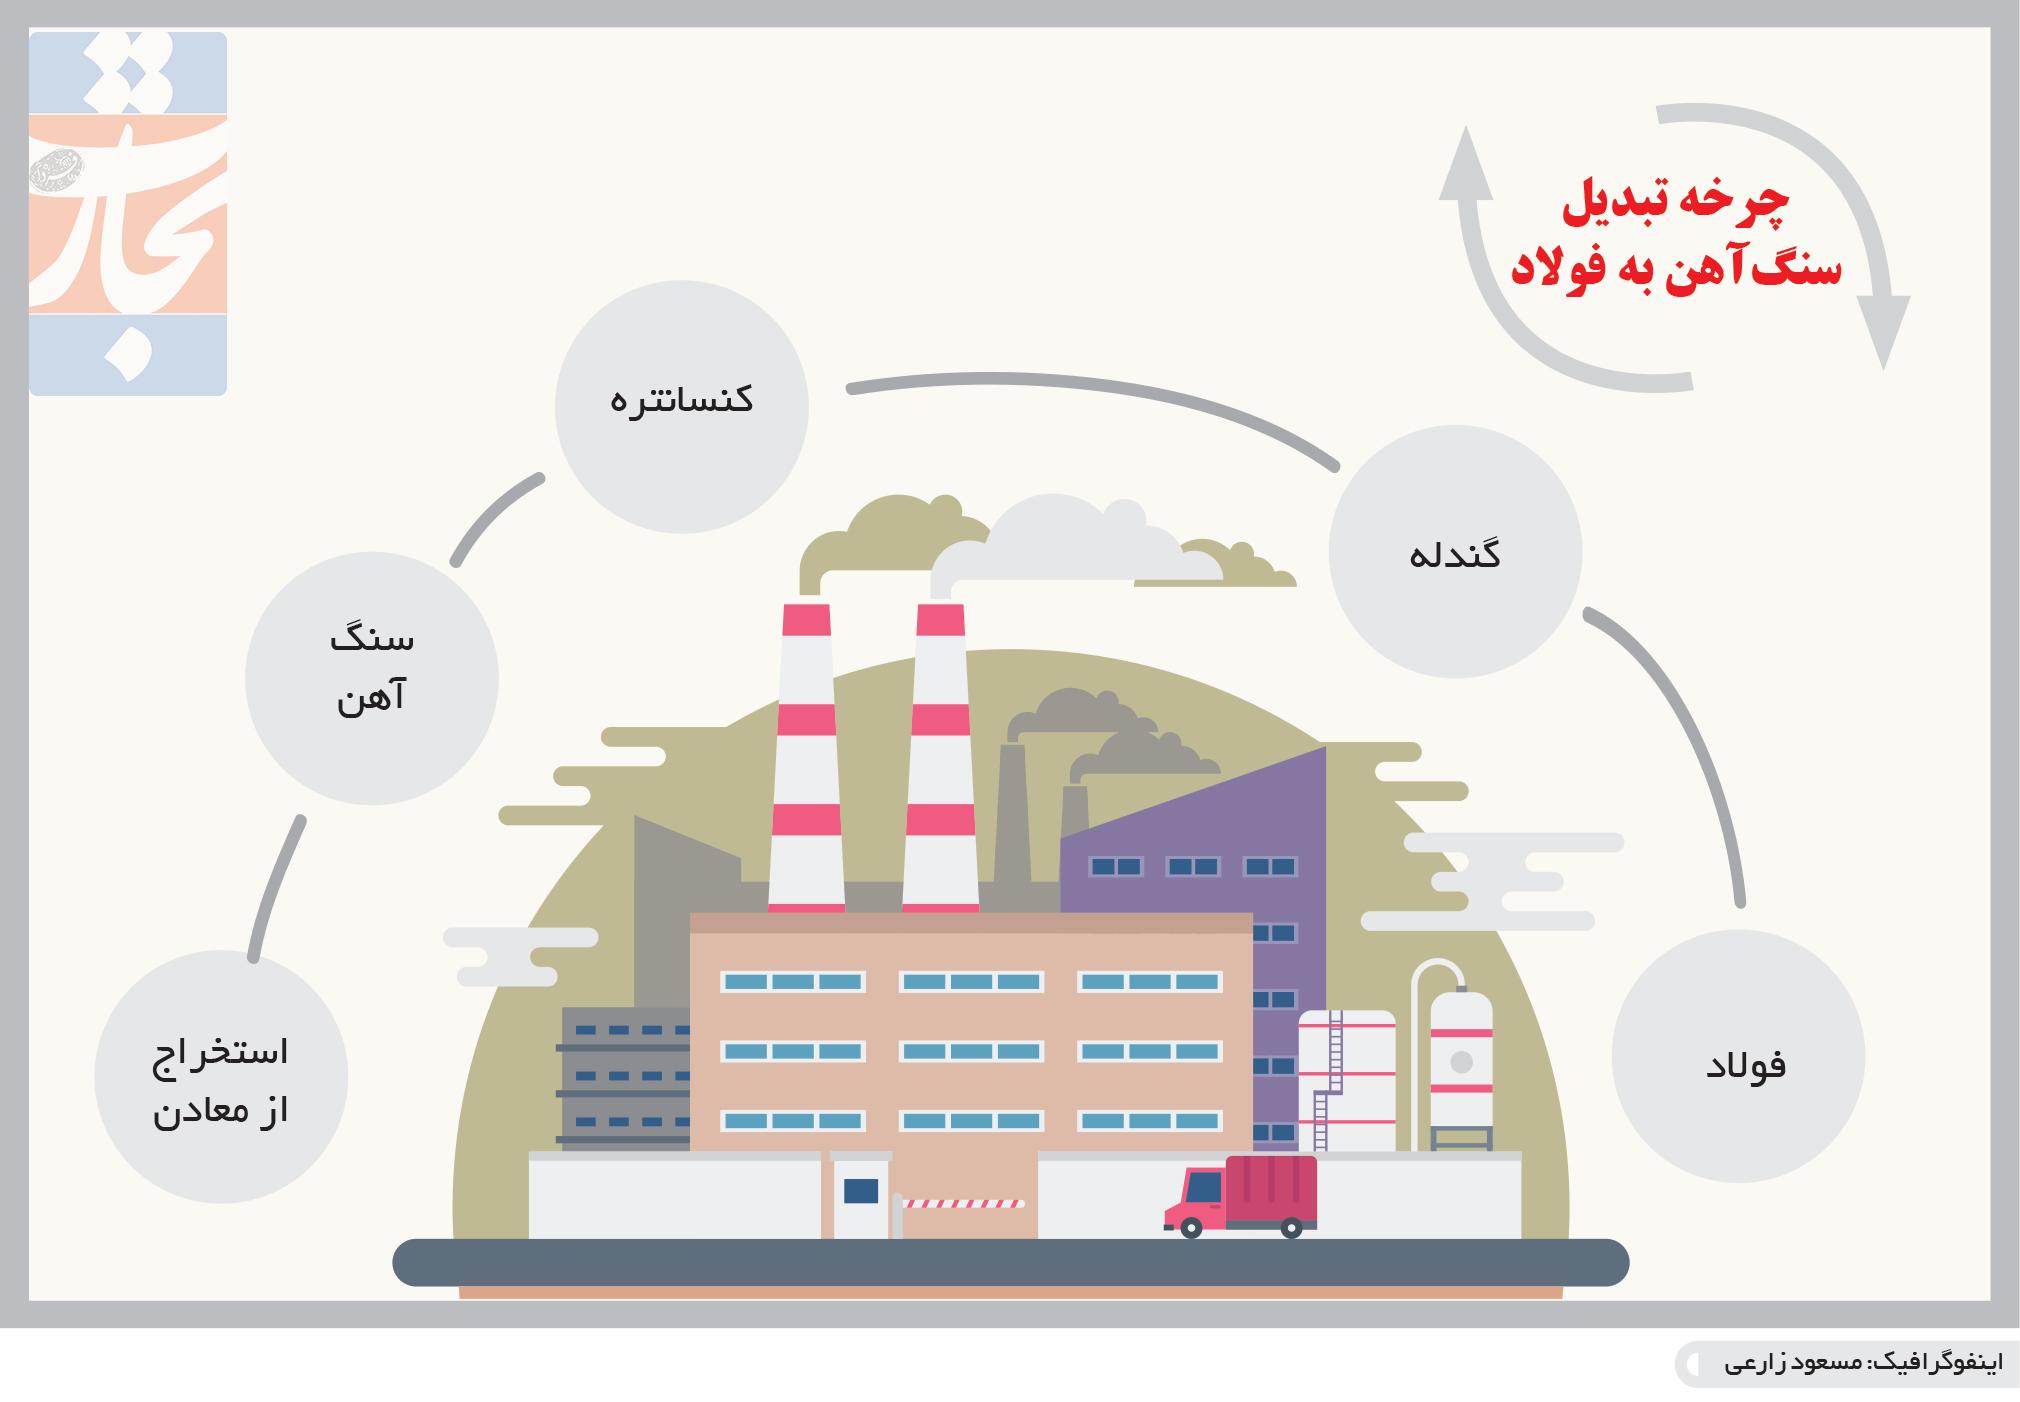 تجارت- فردا- چرخه تبدیل سنگآهن به فولاد(اینفوگرافیک)